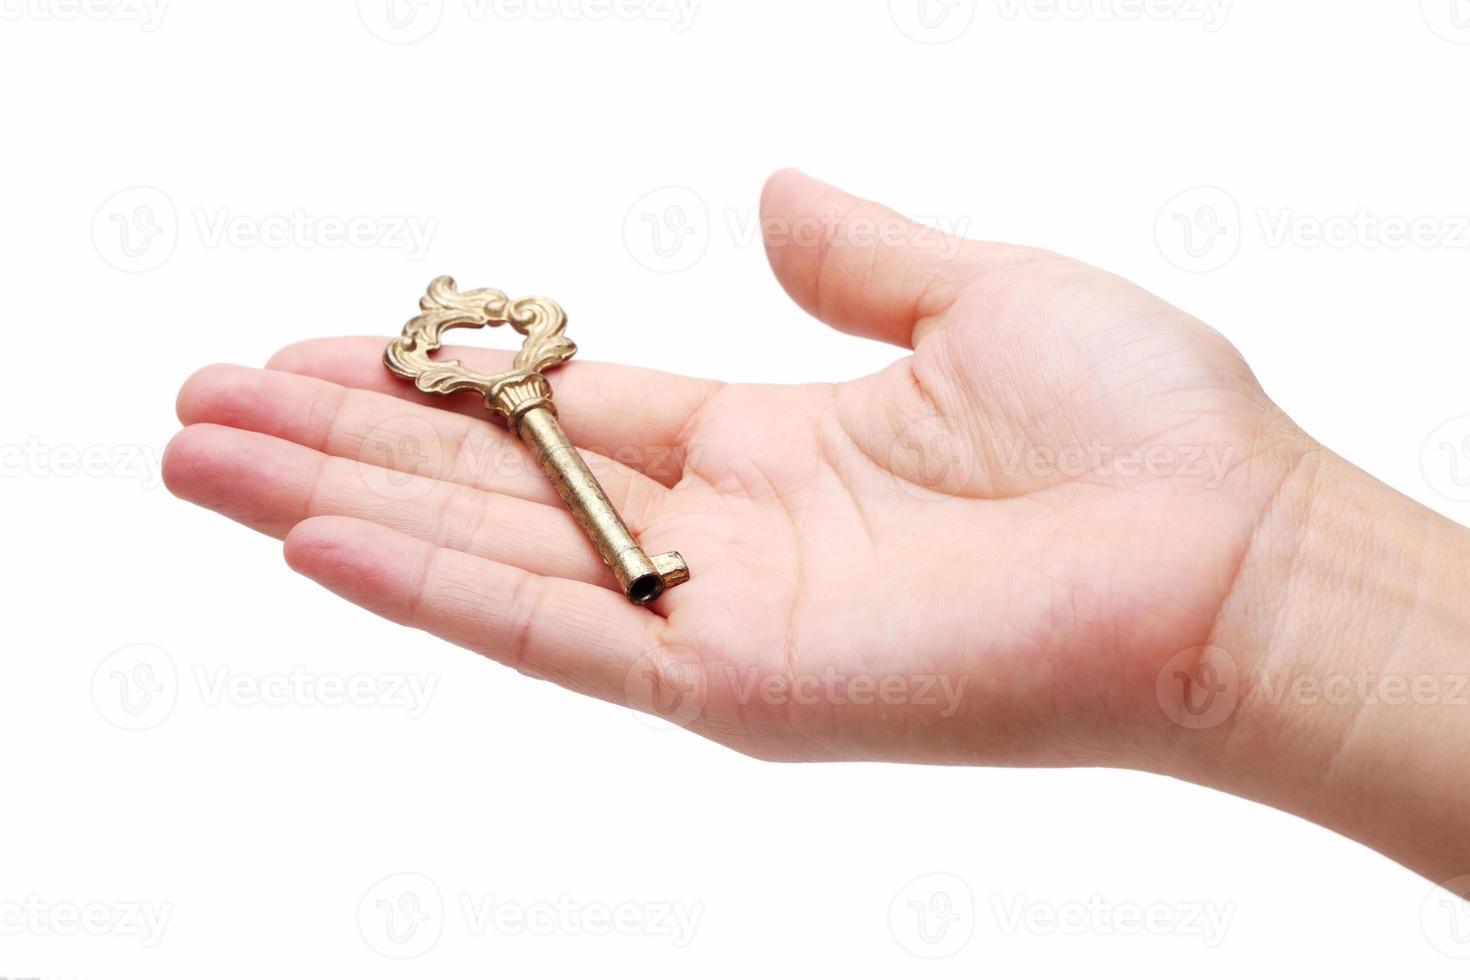 Mano sosteniendo la llave de oro aislada sobre fondo blanco. foto